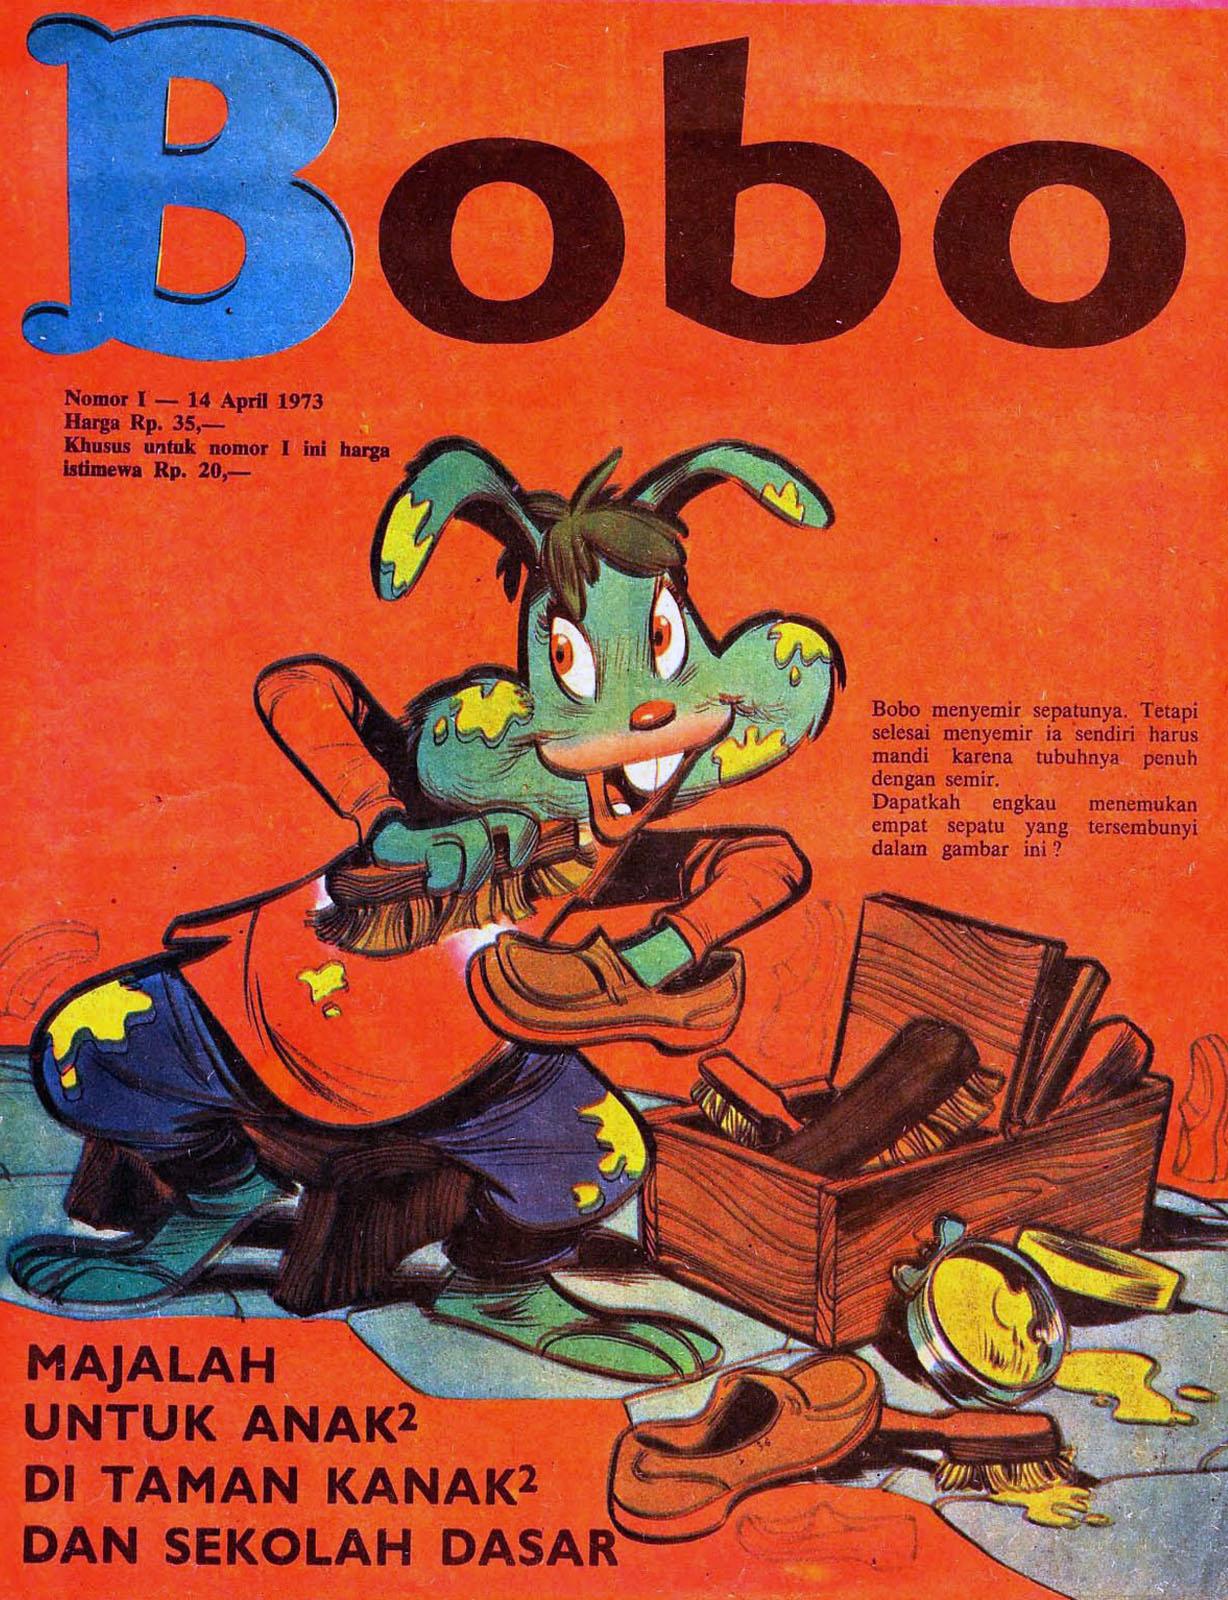 """Sampul majalah """"Bobo"""" edisi pertama tahun 1973"""